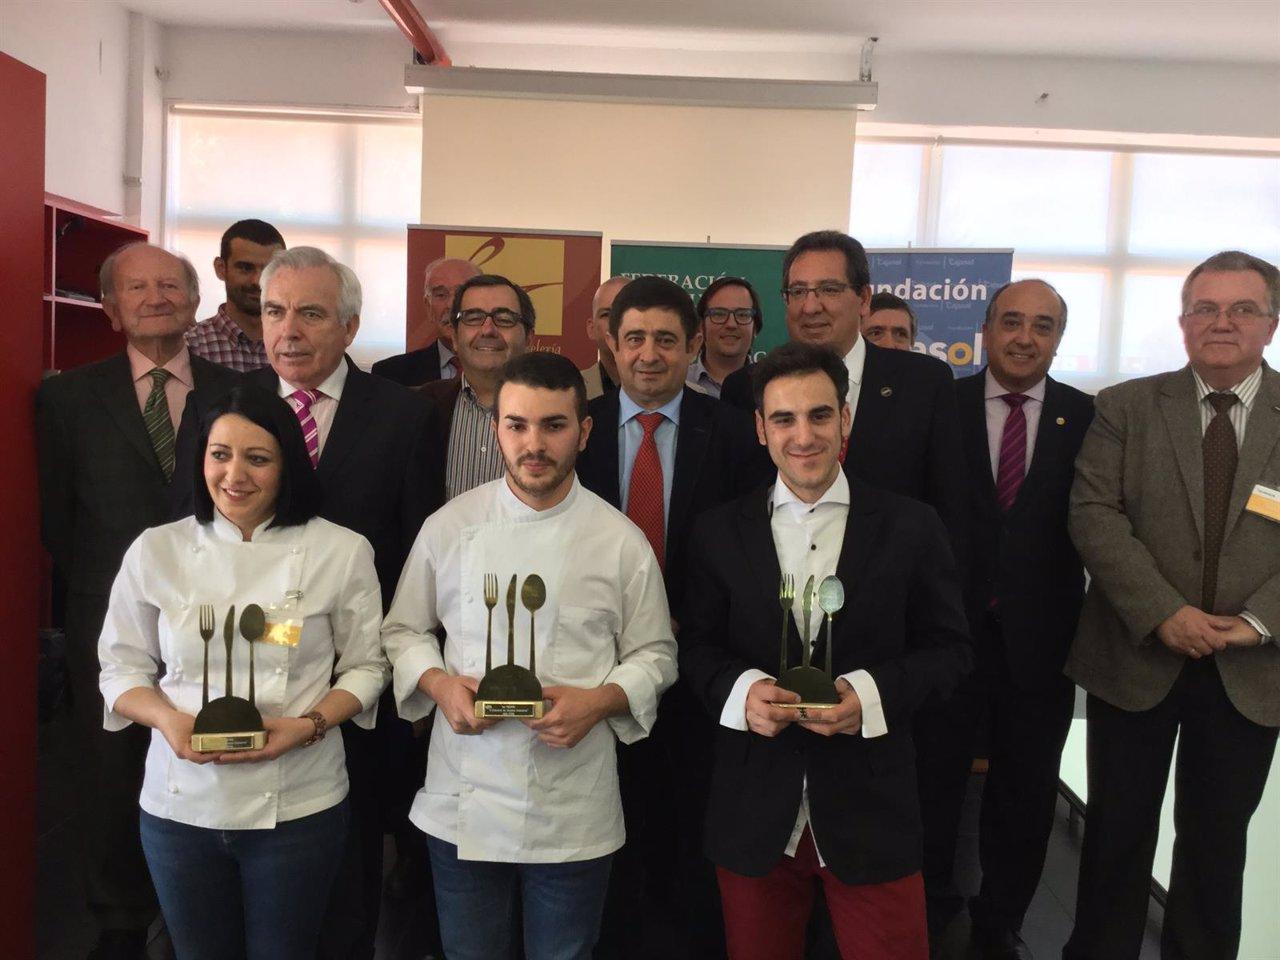 Los premiados, junto a autoridades, patrocinadores y miembros de Fecoan.